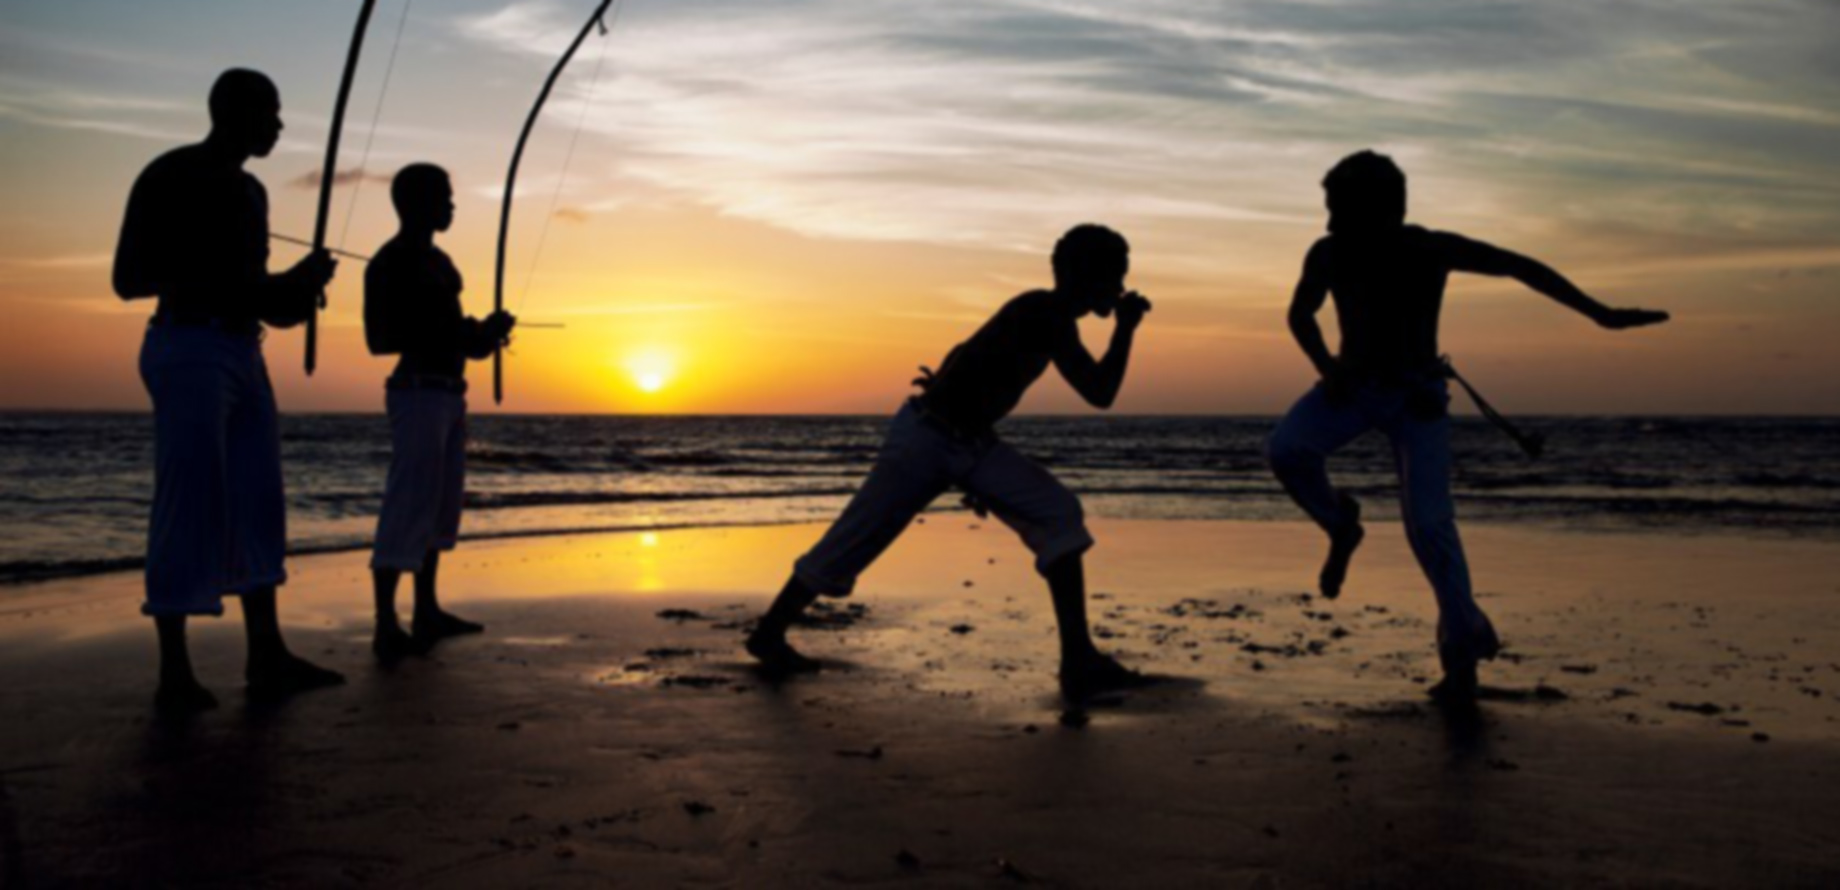 Foto de 2 garotos jogando capoeira na beira do mar ao entardecer